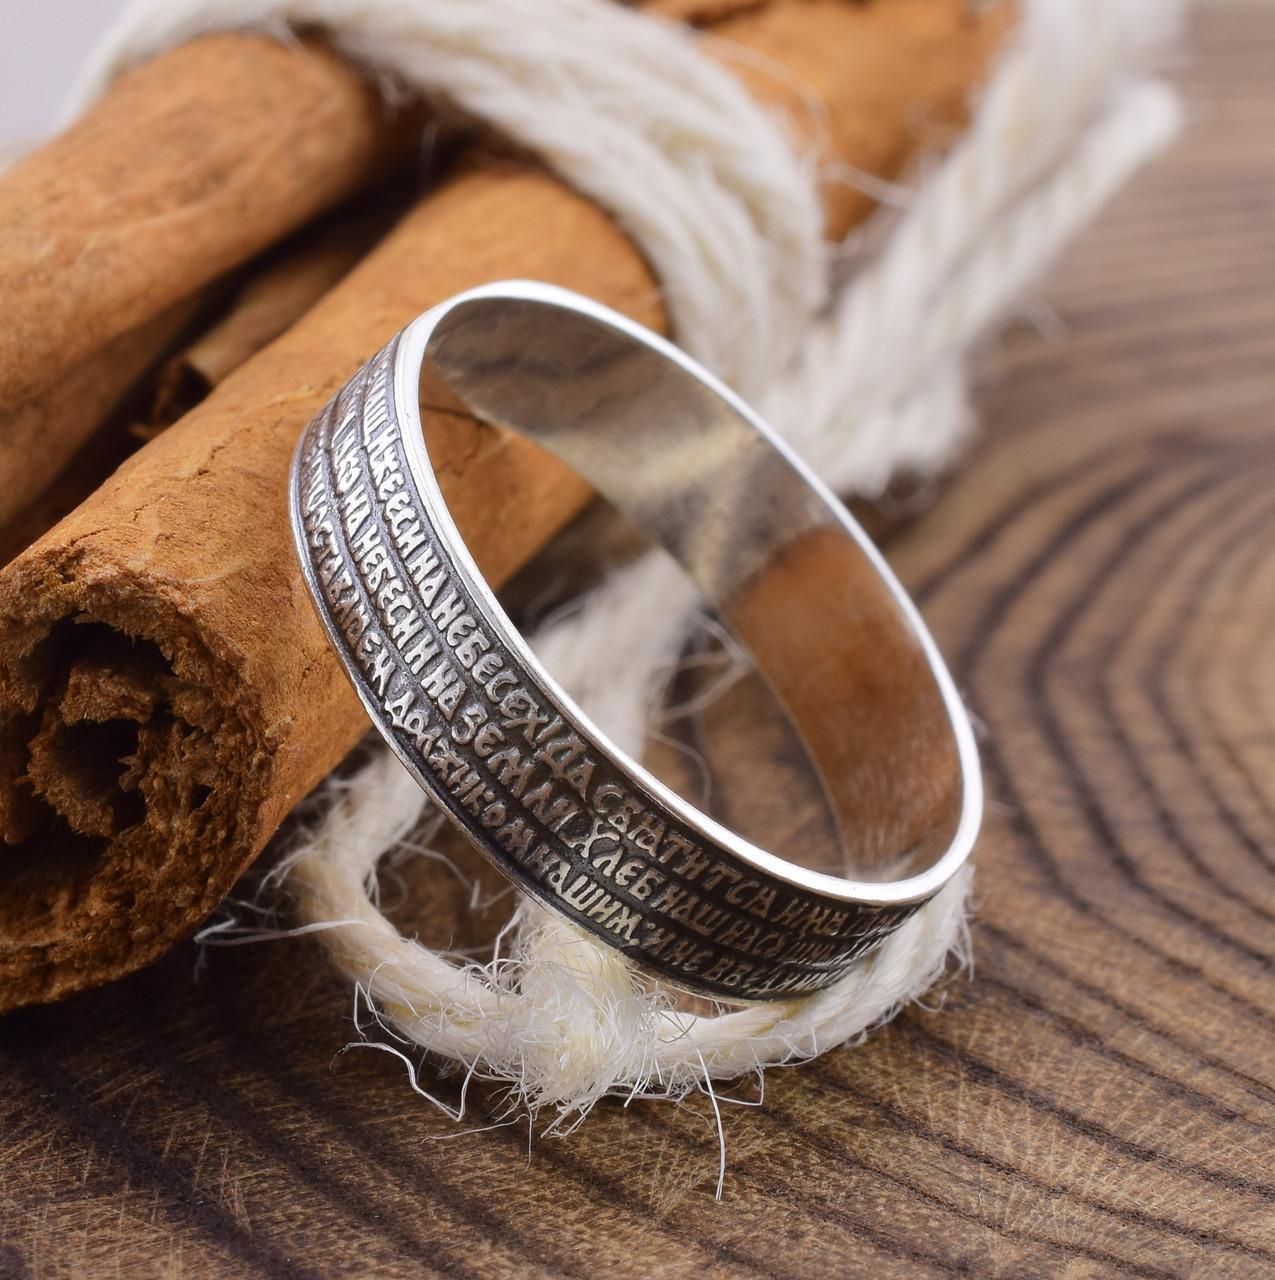 Серебряное кольцо Отче наш вес 2.3 г размер 19